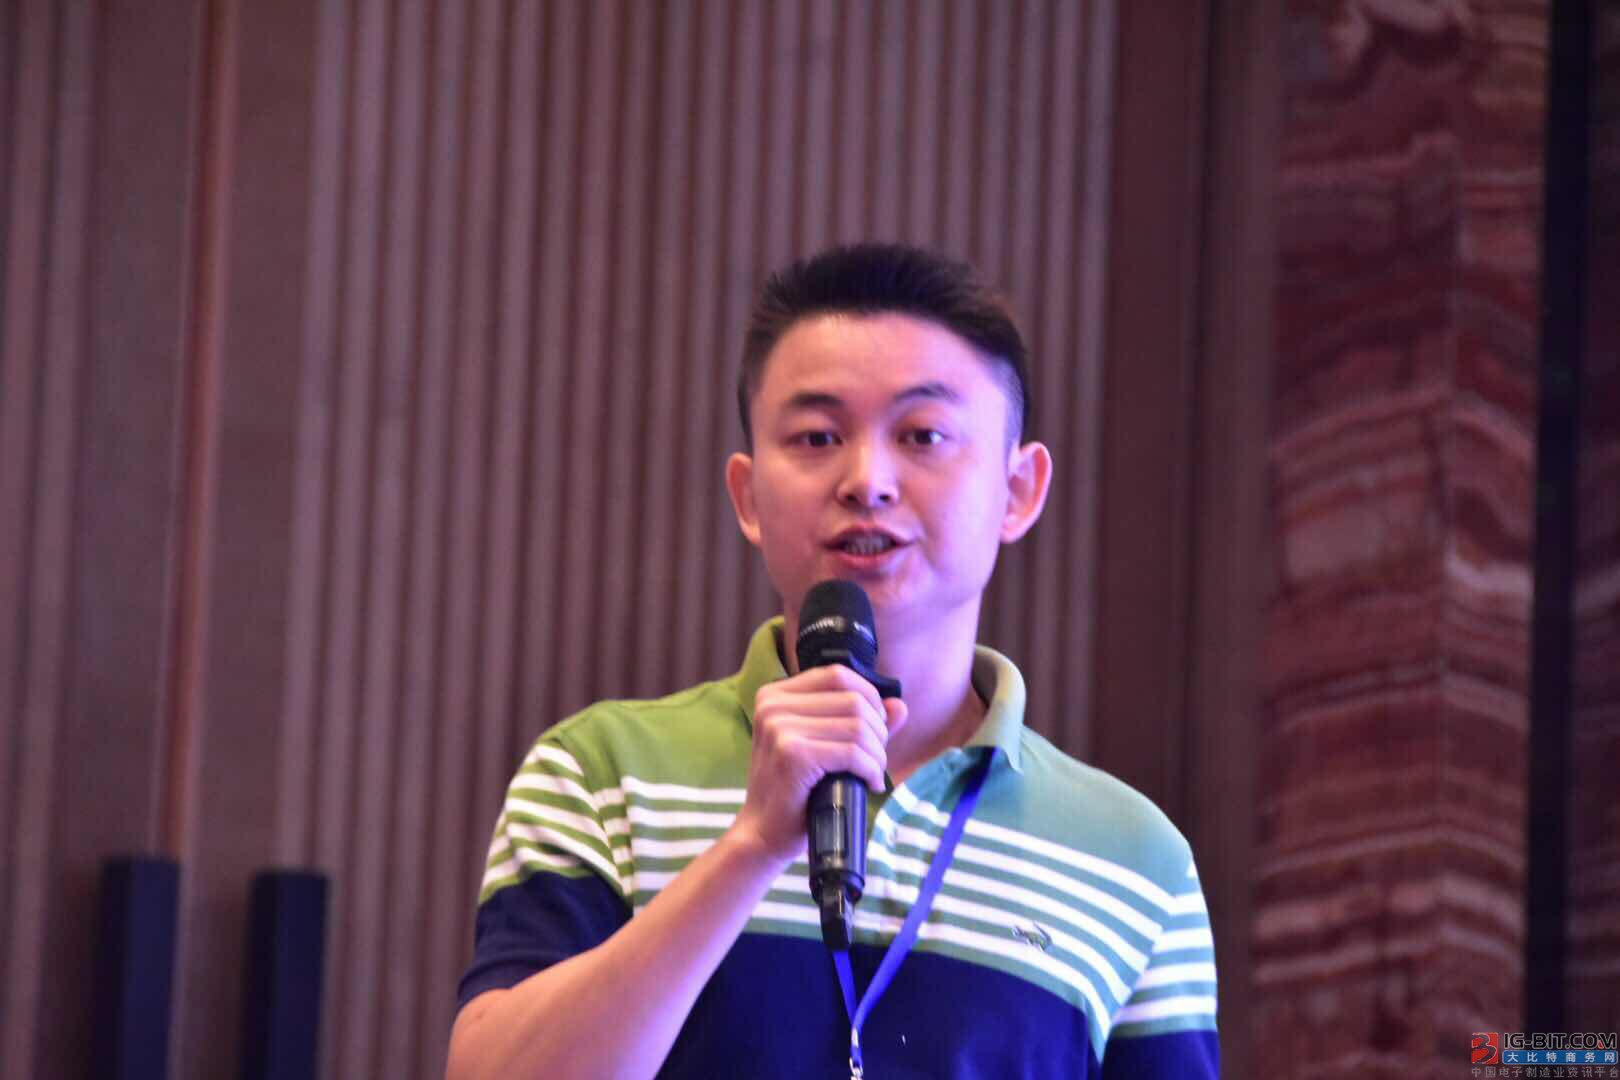 美芯晟科技(北京)有限公司市場經理冷雄